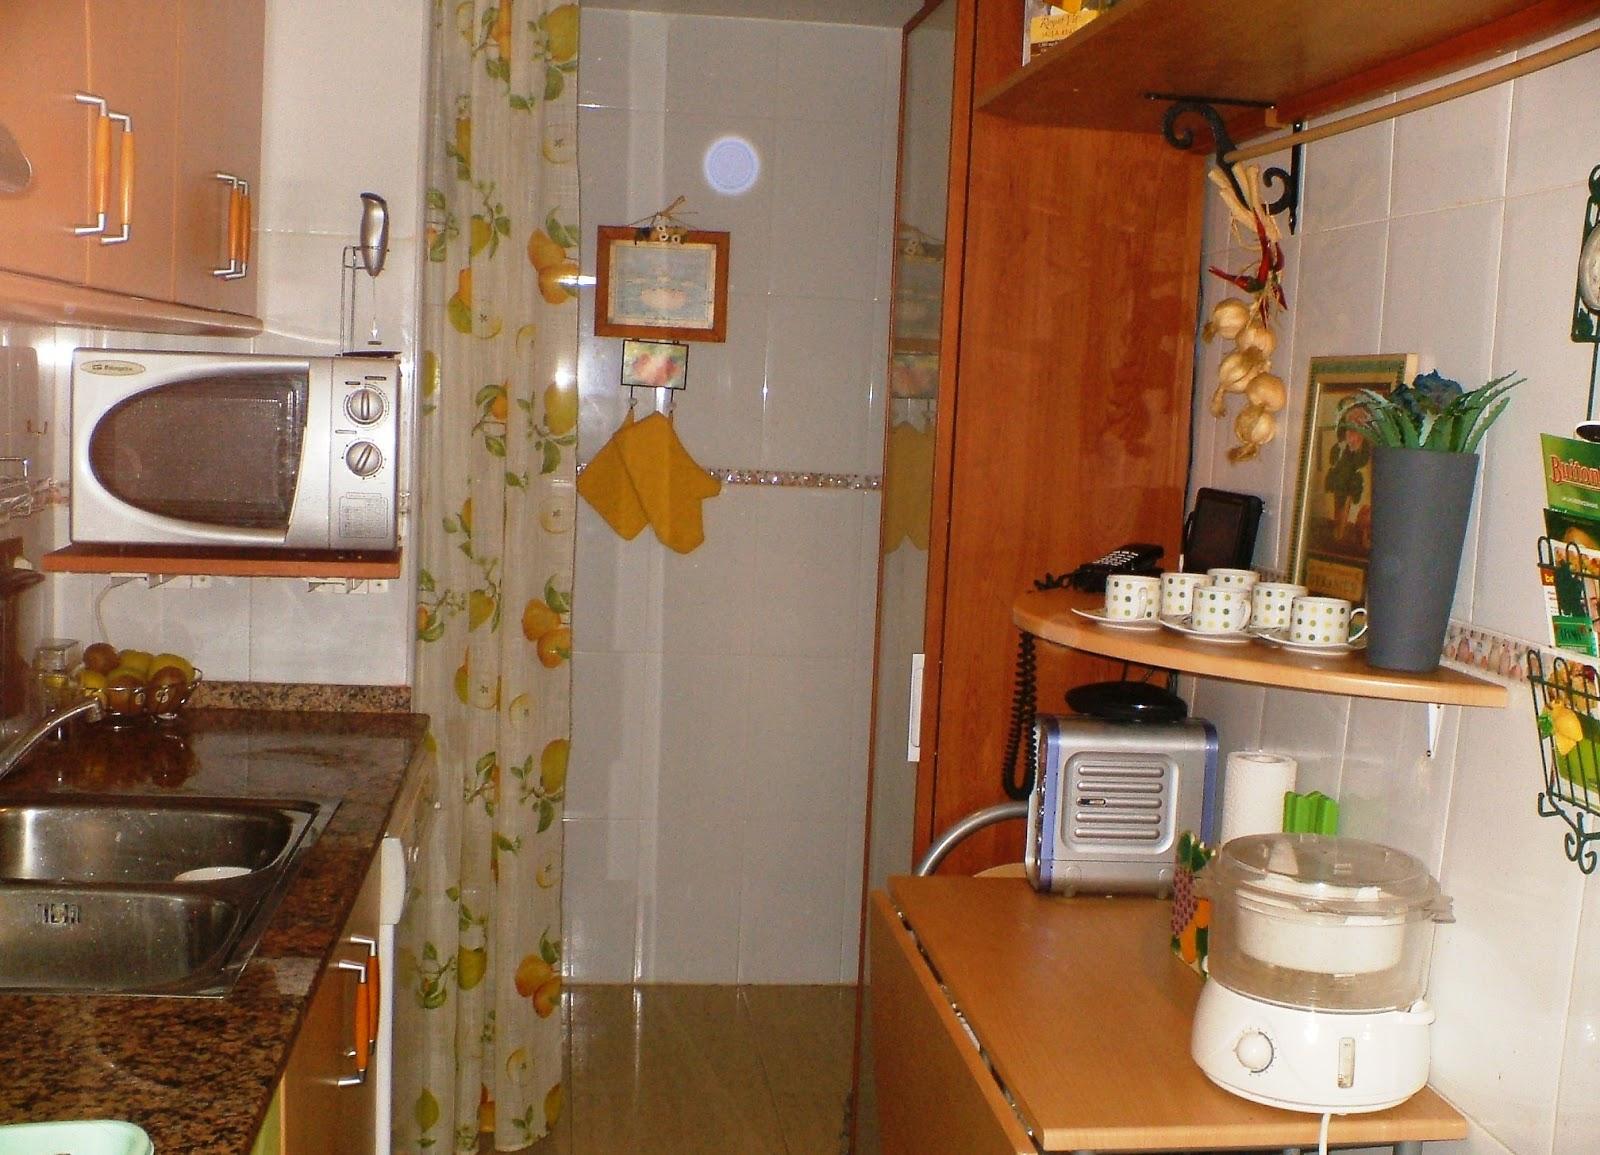 Decora tu vida diy una singular alacena para la cocina for Alacenas de cocina